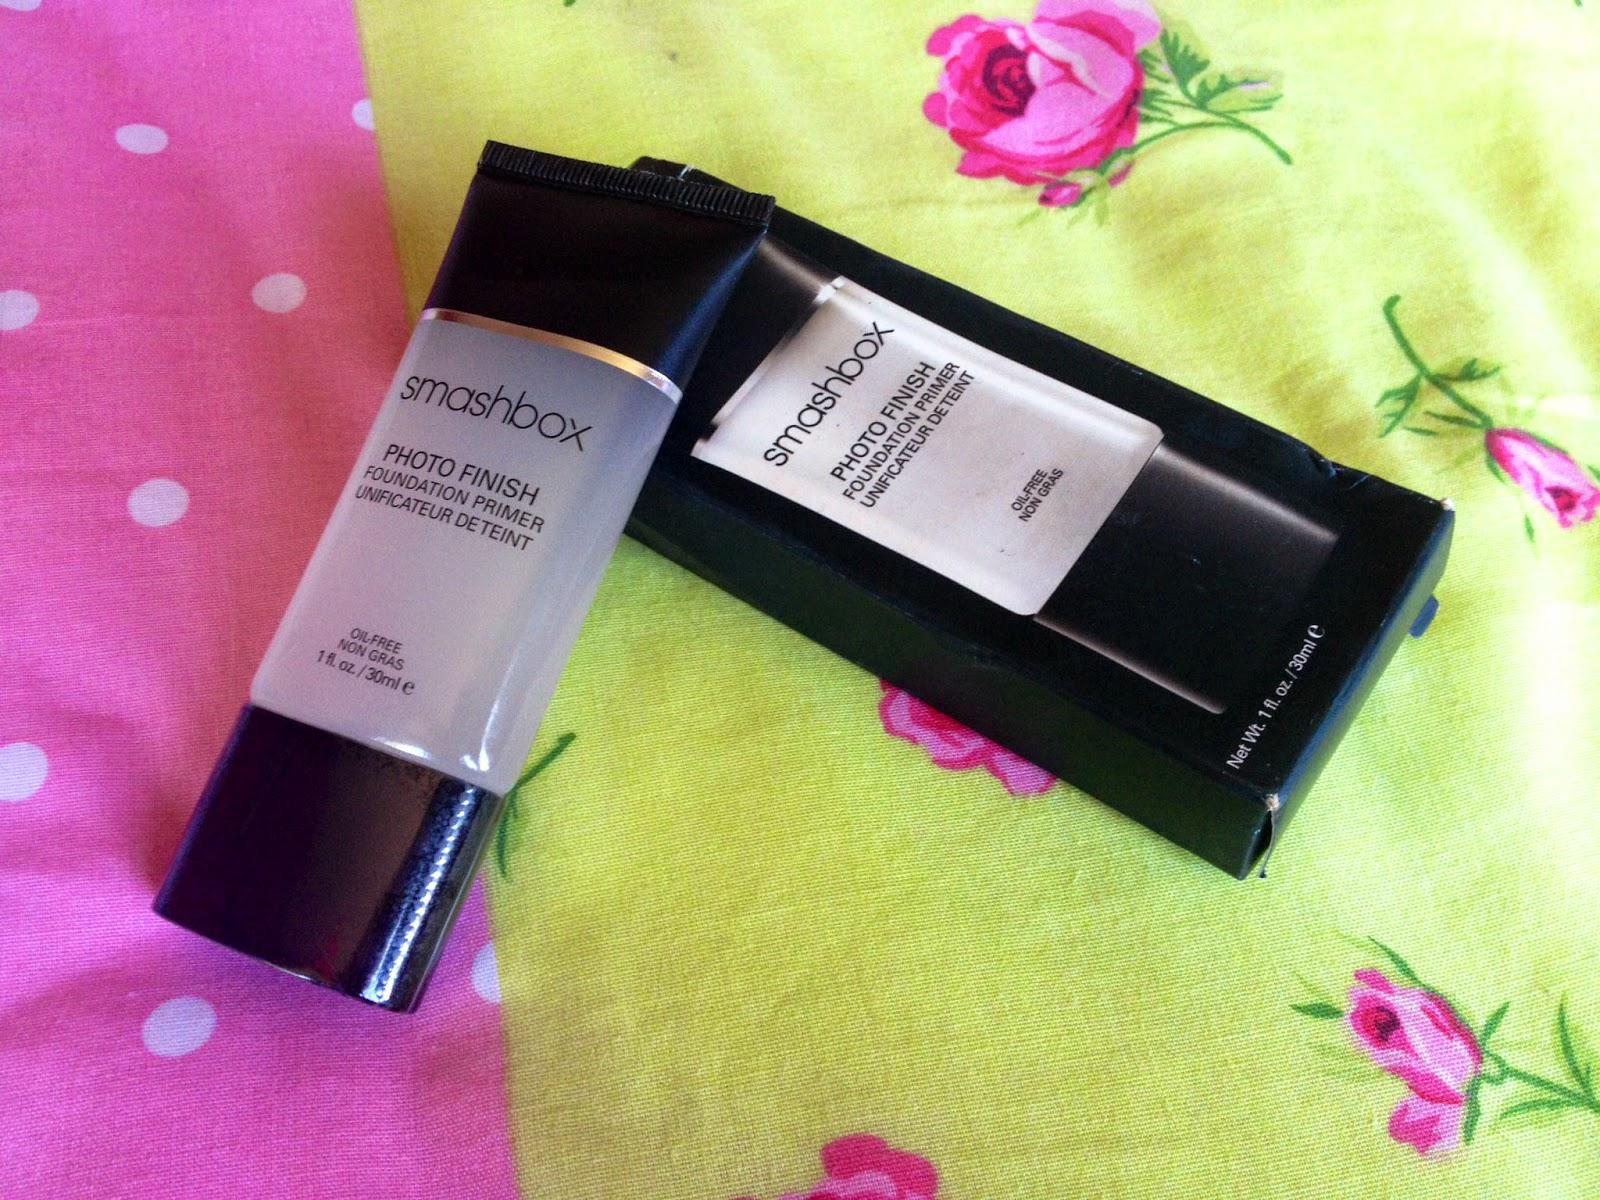 http://www.smashbox.co.uk/product/6038/18502/Face/Primer/PHOTO-FINISH-FOUNDATION-PRIMER/Company-Beauty-Awards-2013/index.tmpl